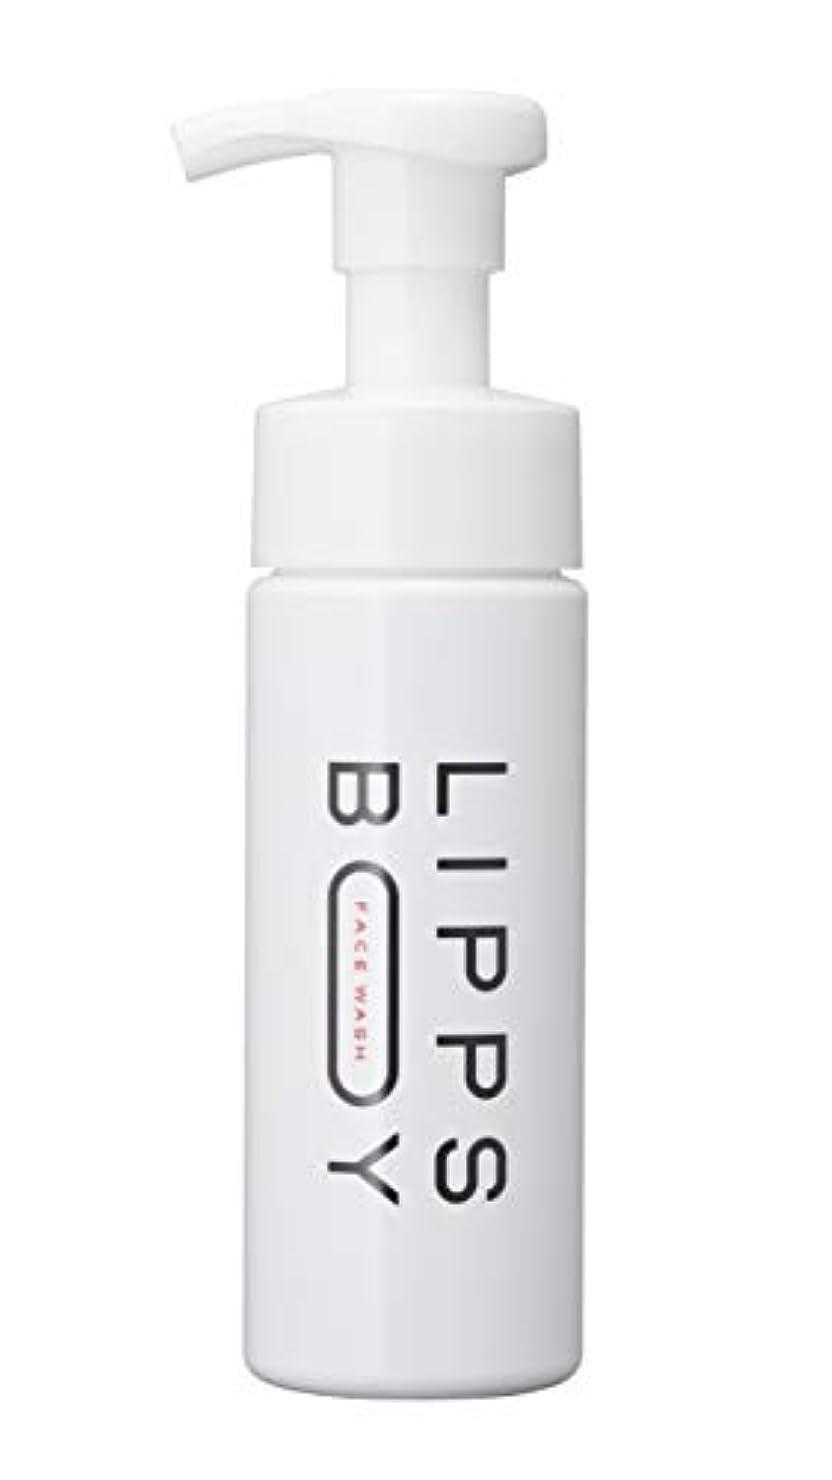 モディッシュ強い予防接種する【メンズ洗顔フォーム/毛穴汚れ】リップスボーイ 泡洗顔フォーム150ml